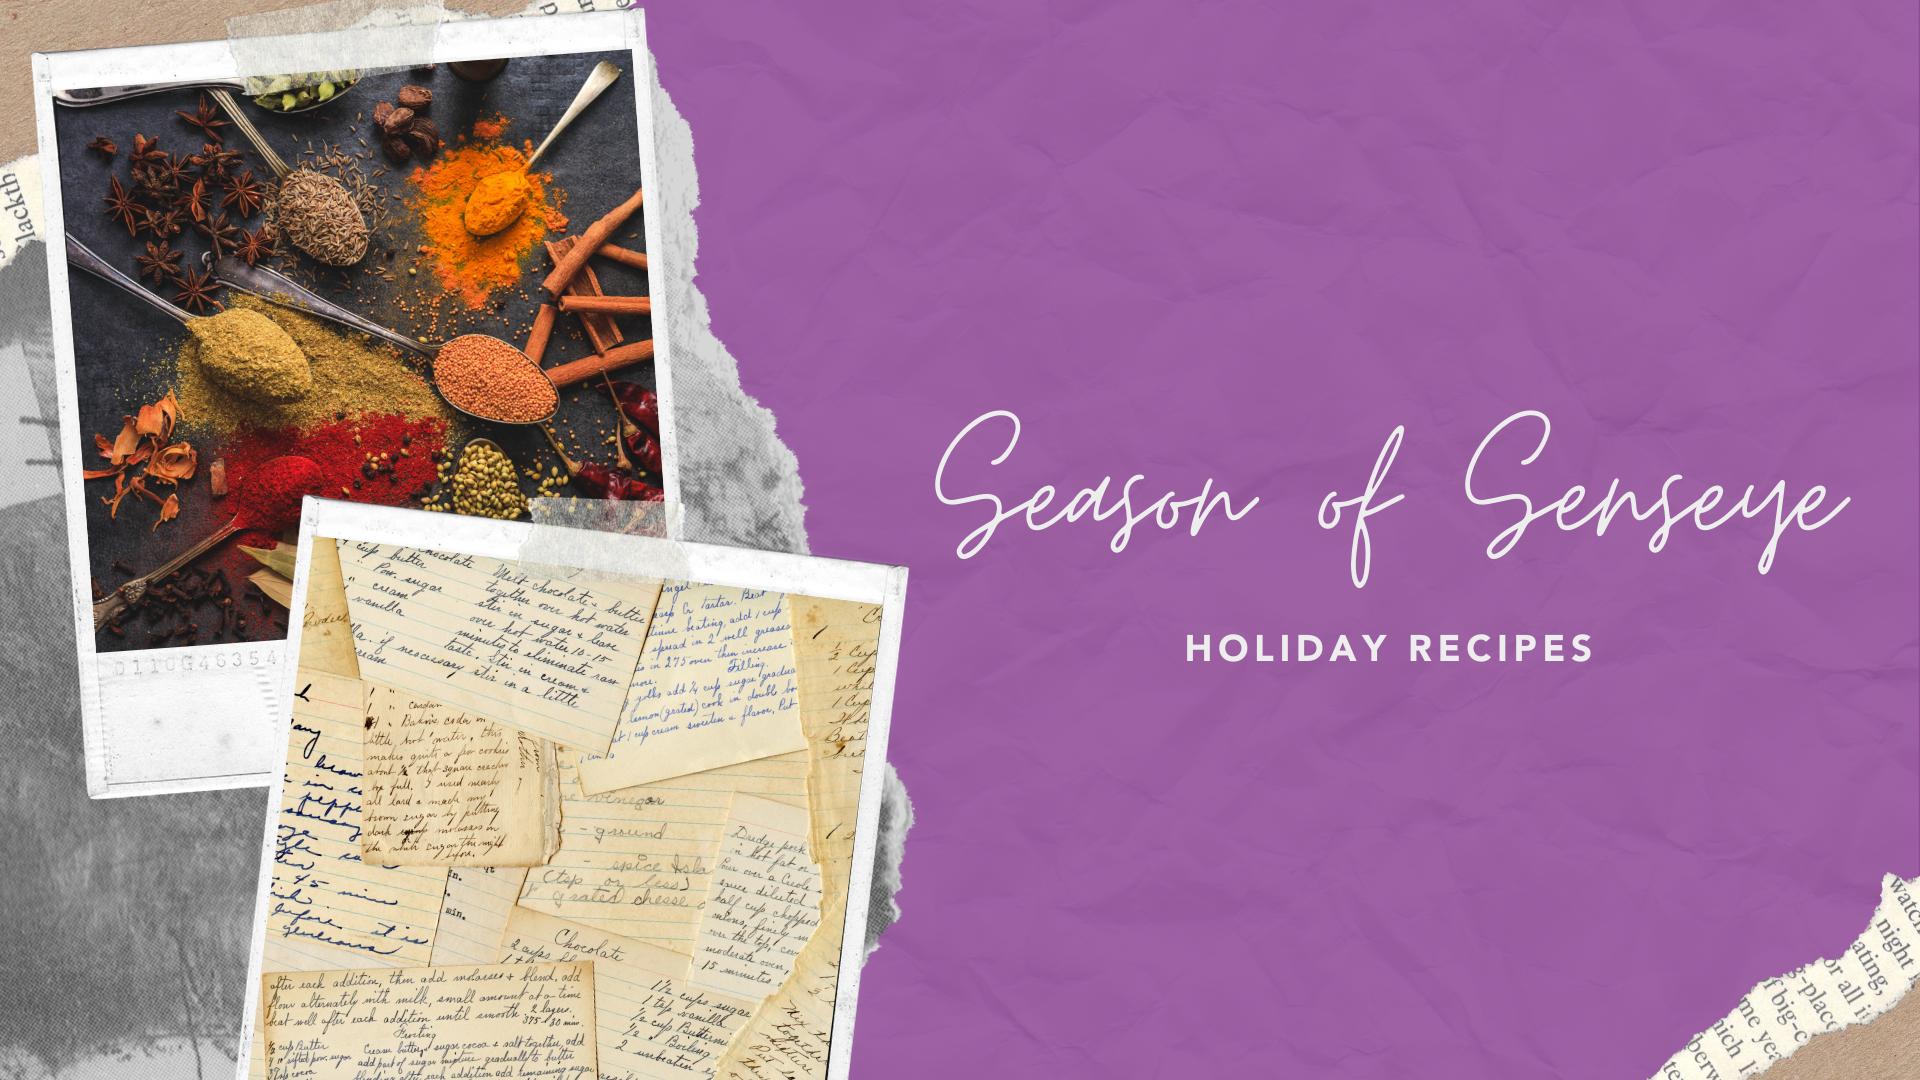 Senseye Season of Spice